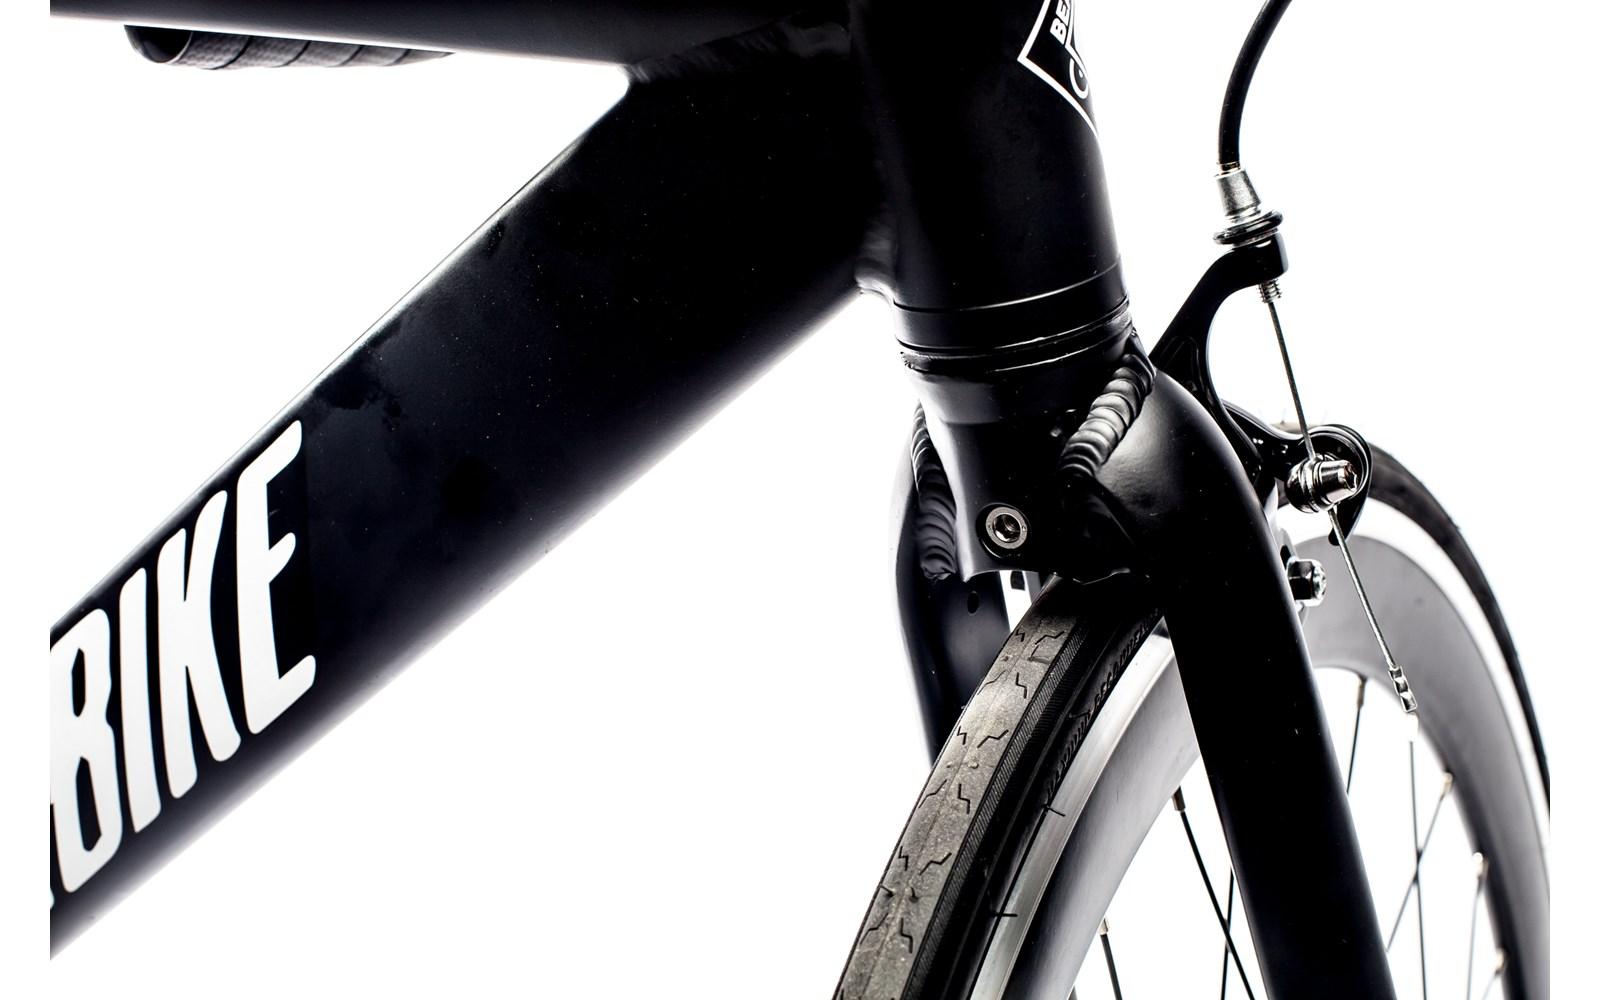 Велосипед Bear Bike Armata черный за 10350000 руб. в магазине городских велосипедов Citybikes